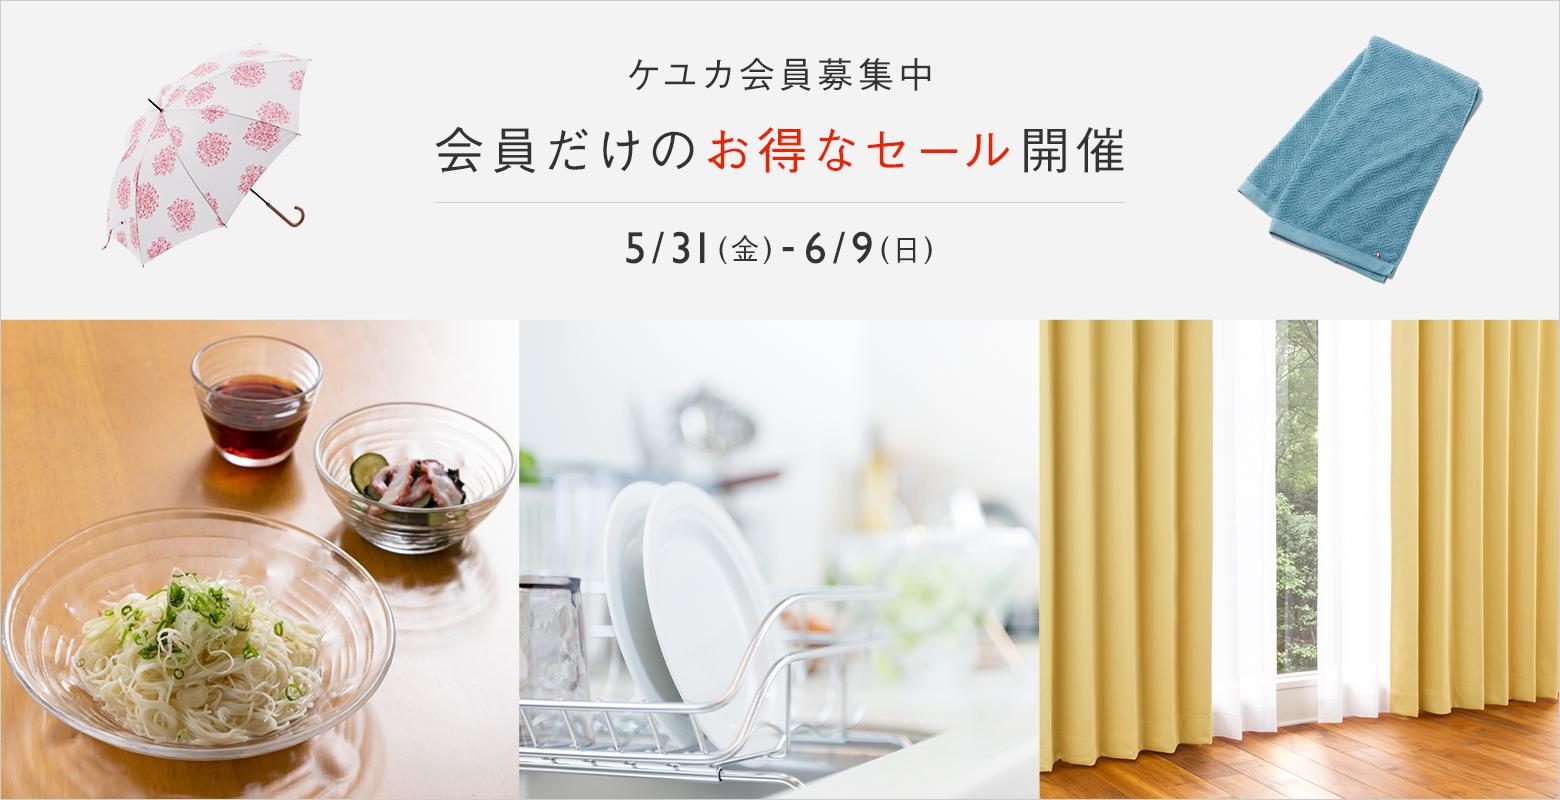 【予告】スペシャルウィーク